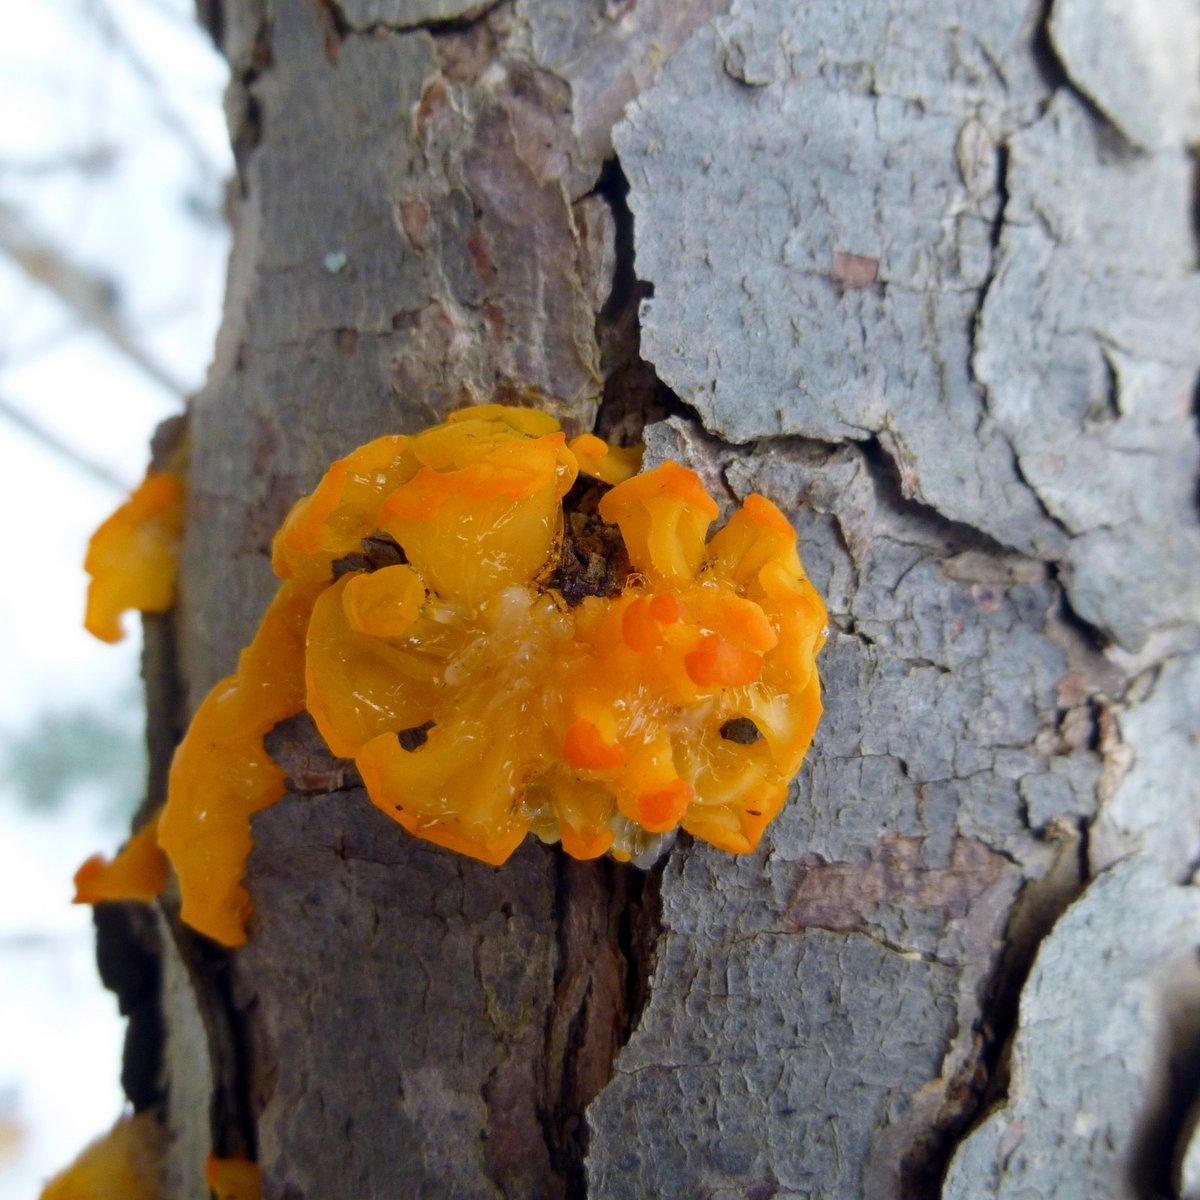 3. Orange Jelly Fungus